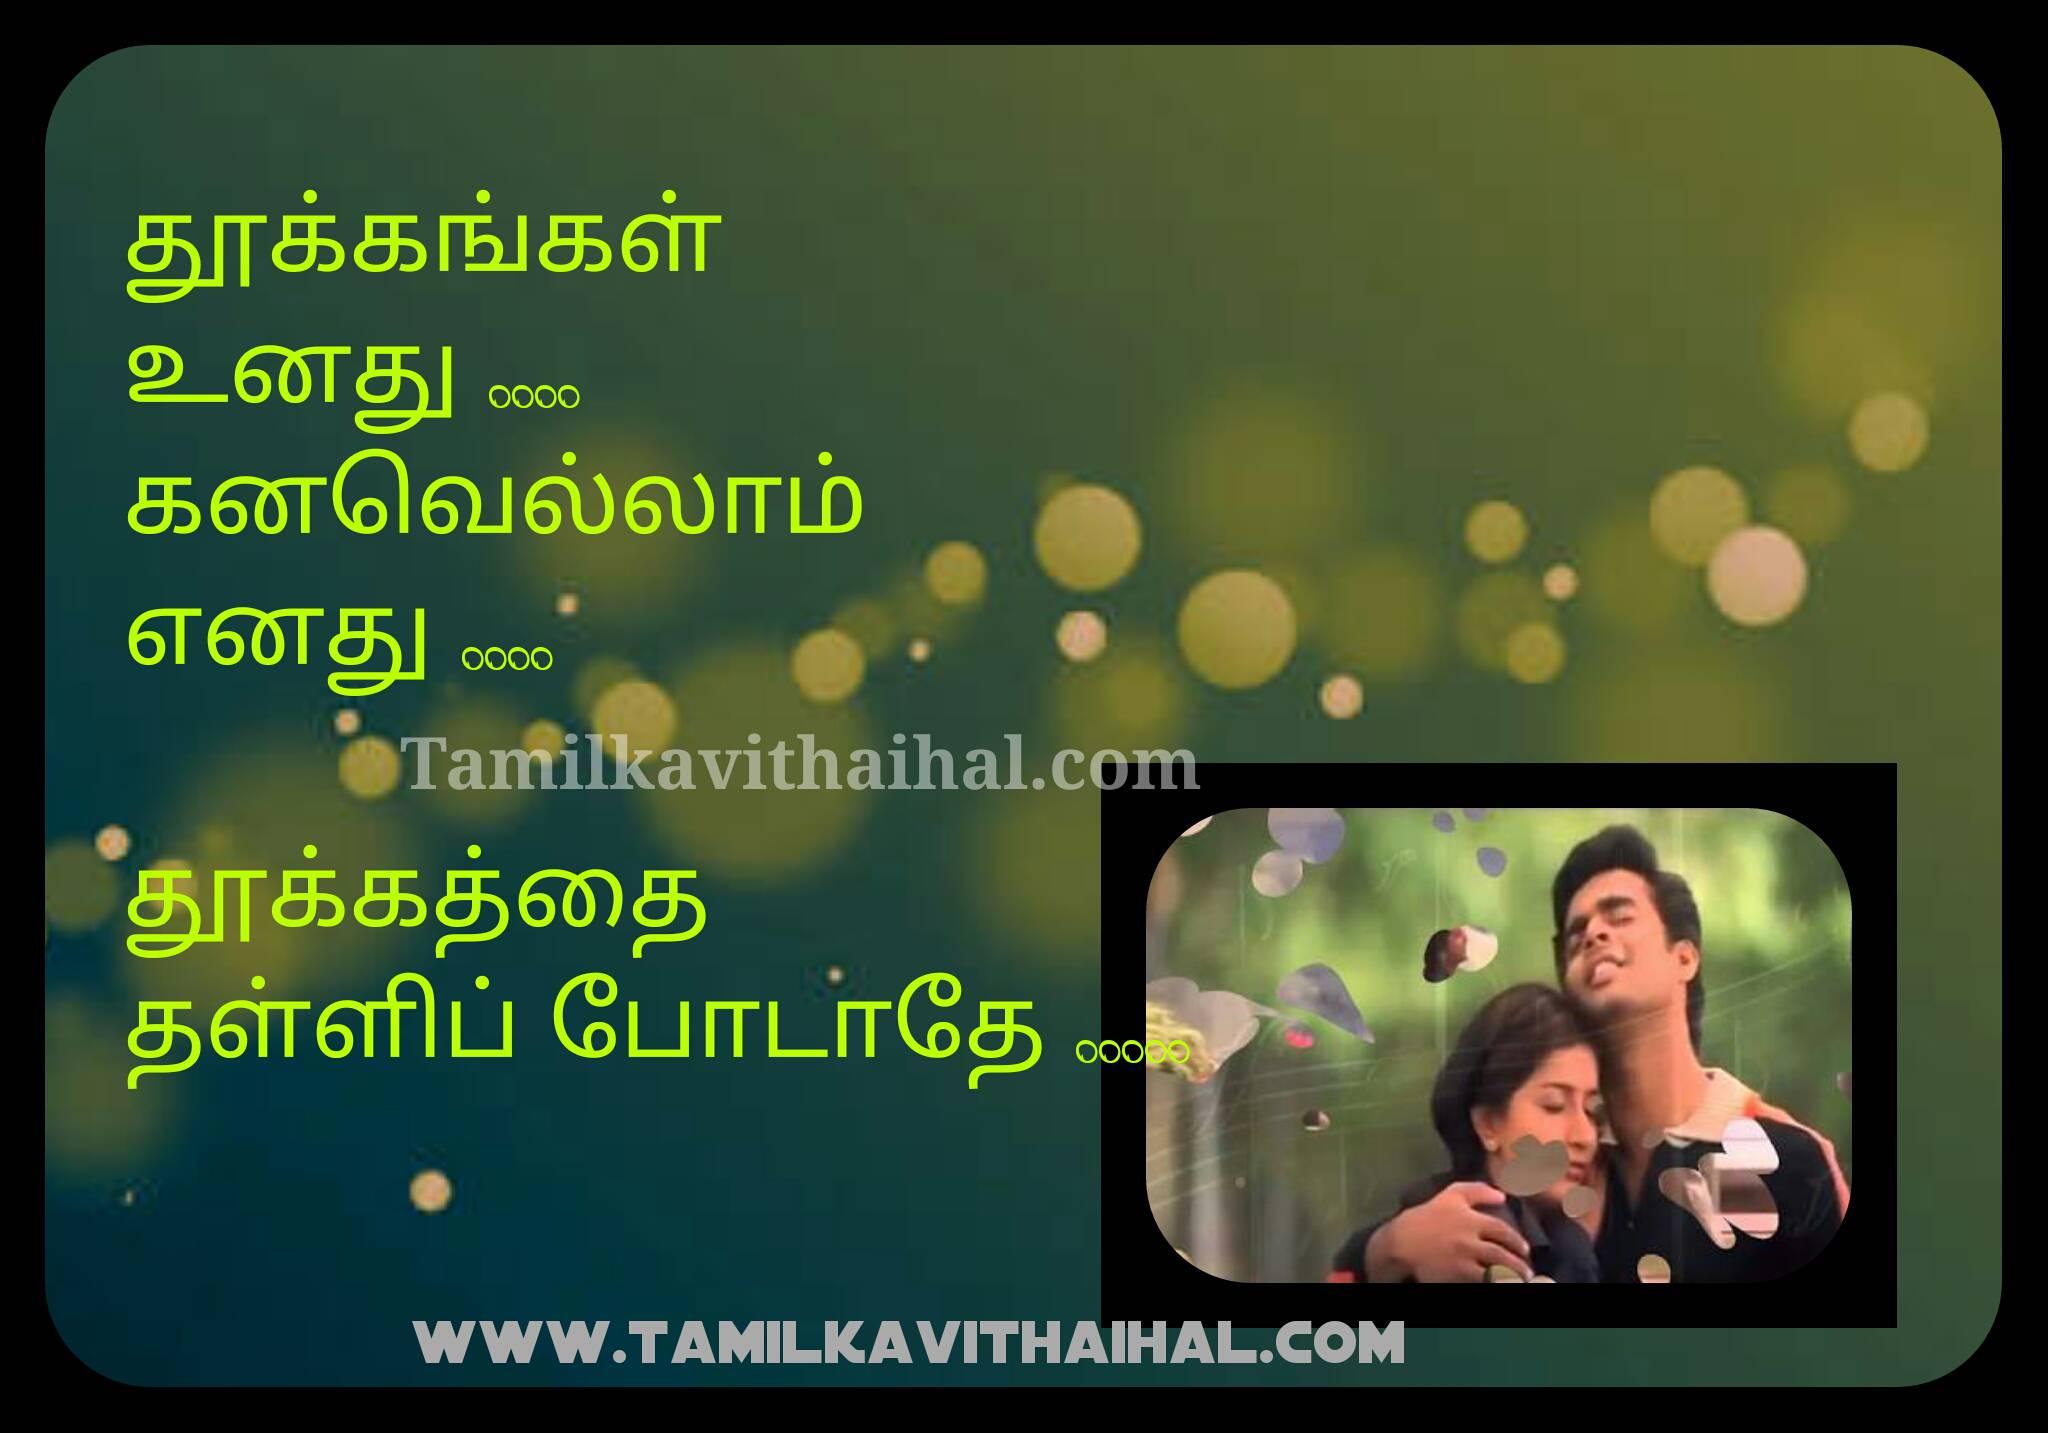 Beautiful love songs run madhavan movie panikkattrey paravasama tamil kadhal quotes facebook pic download